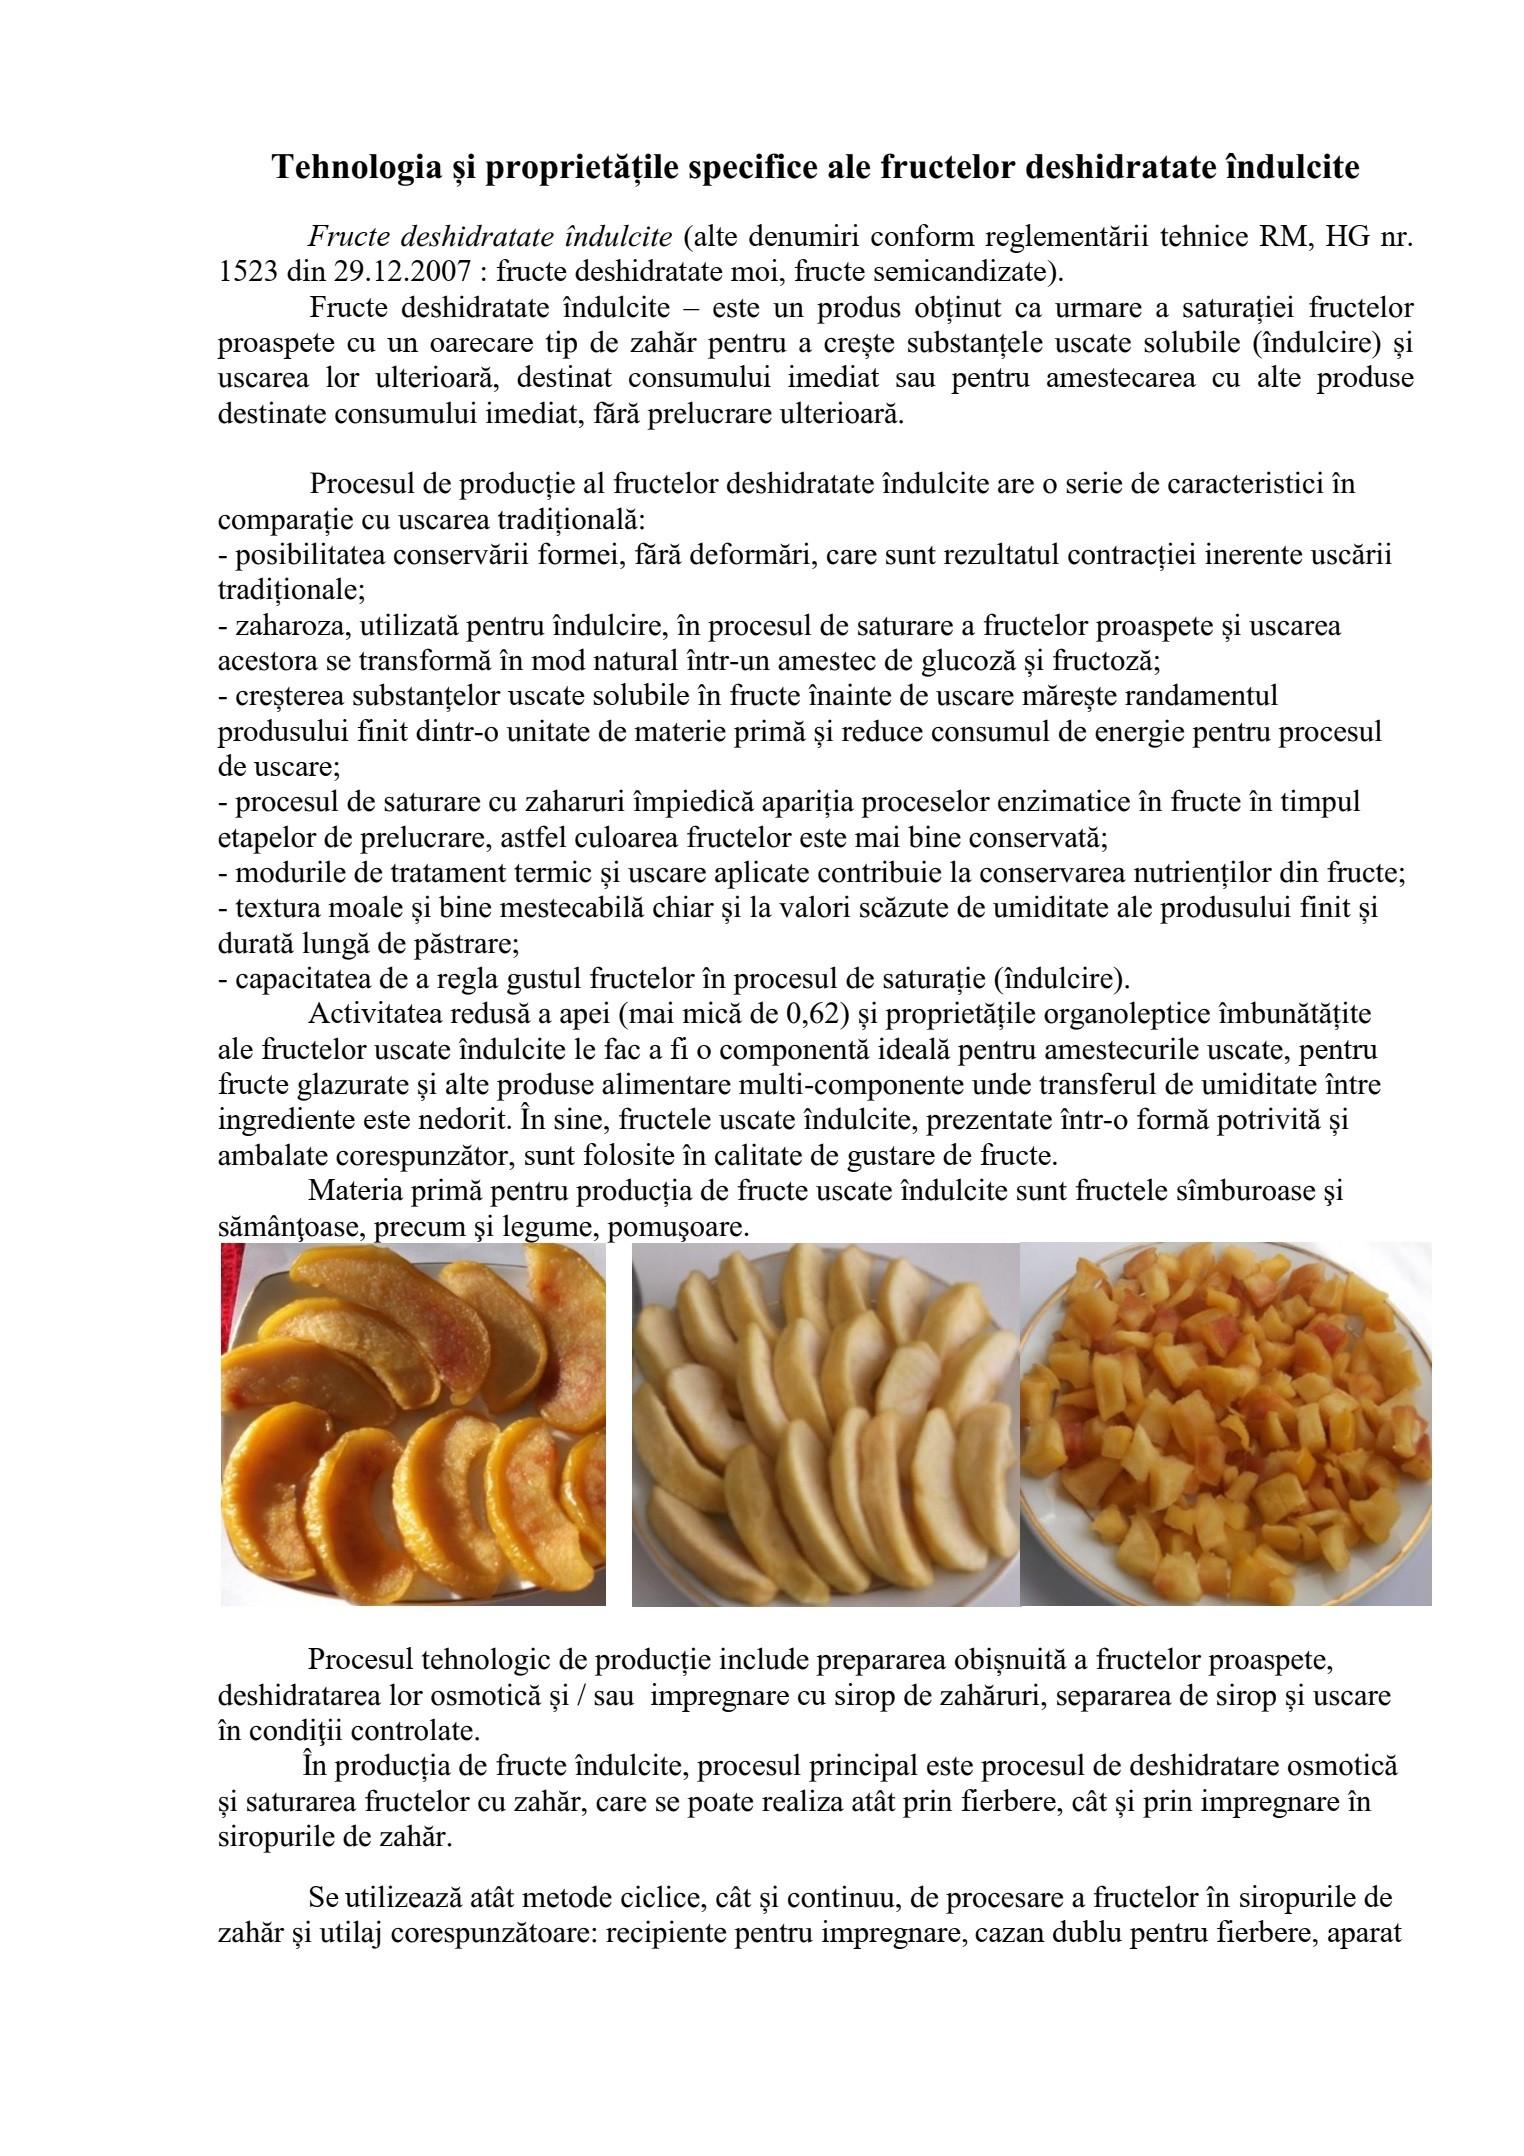 Tehnologia și proprietățile specifice ale fructelor deshidratate îndulcite